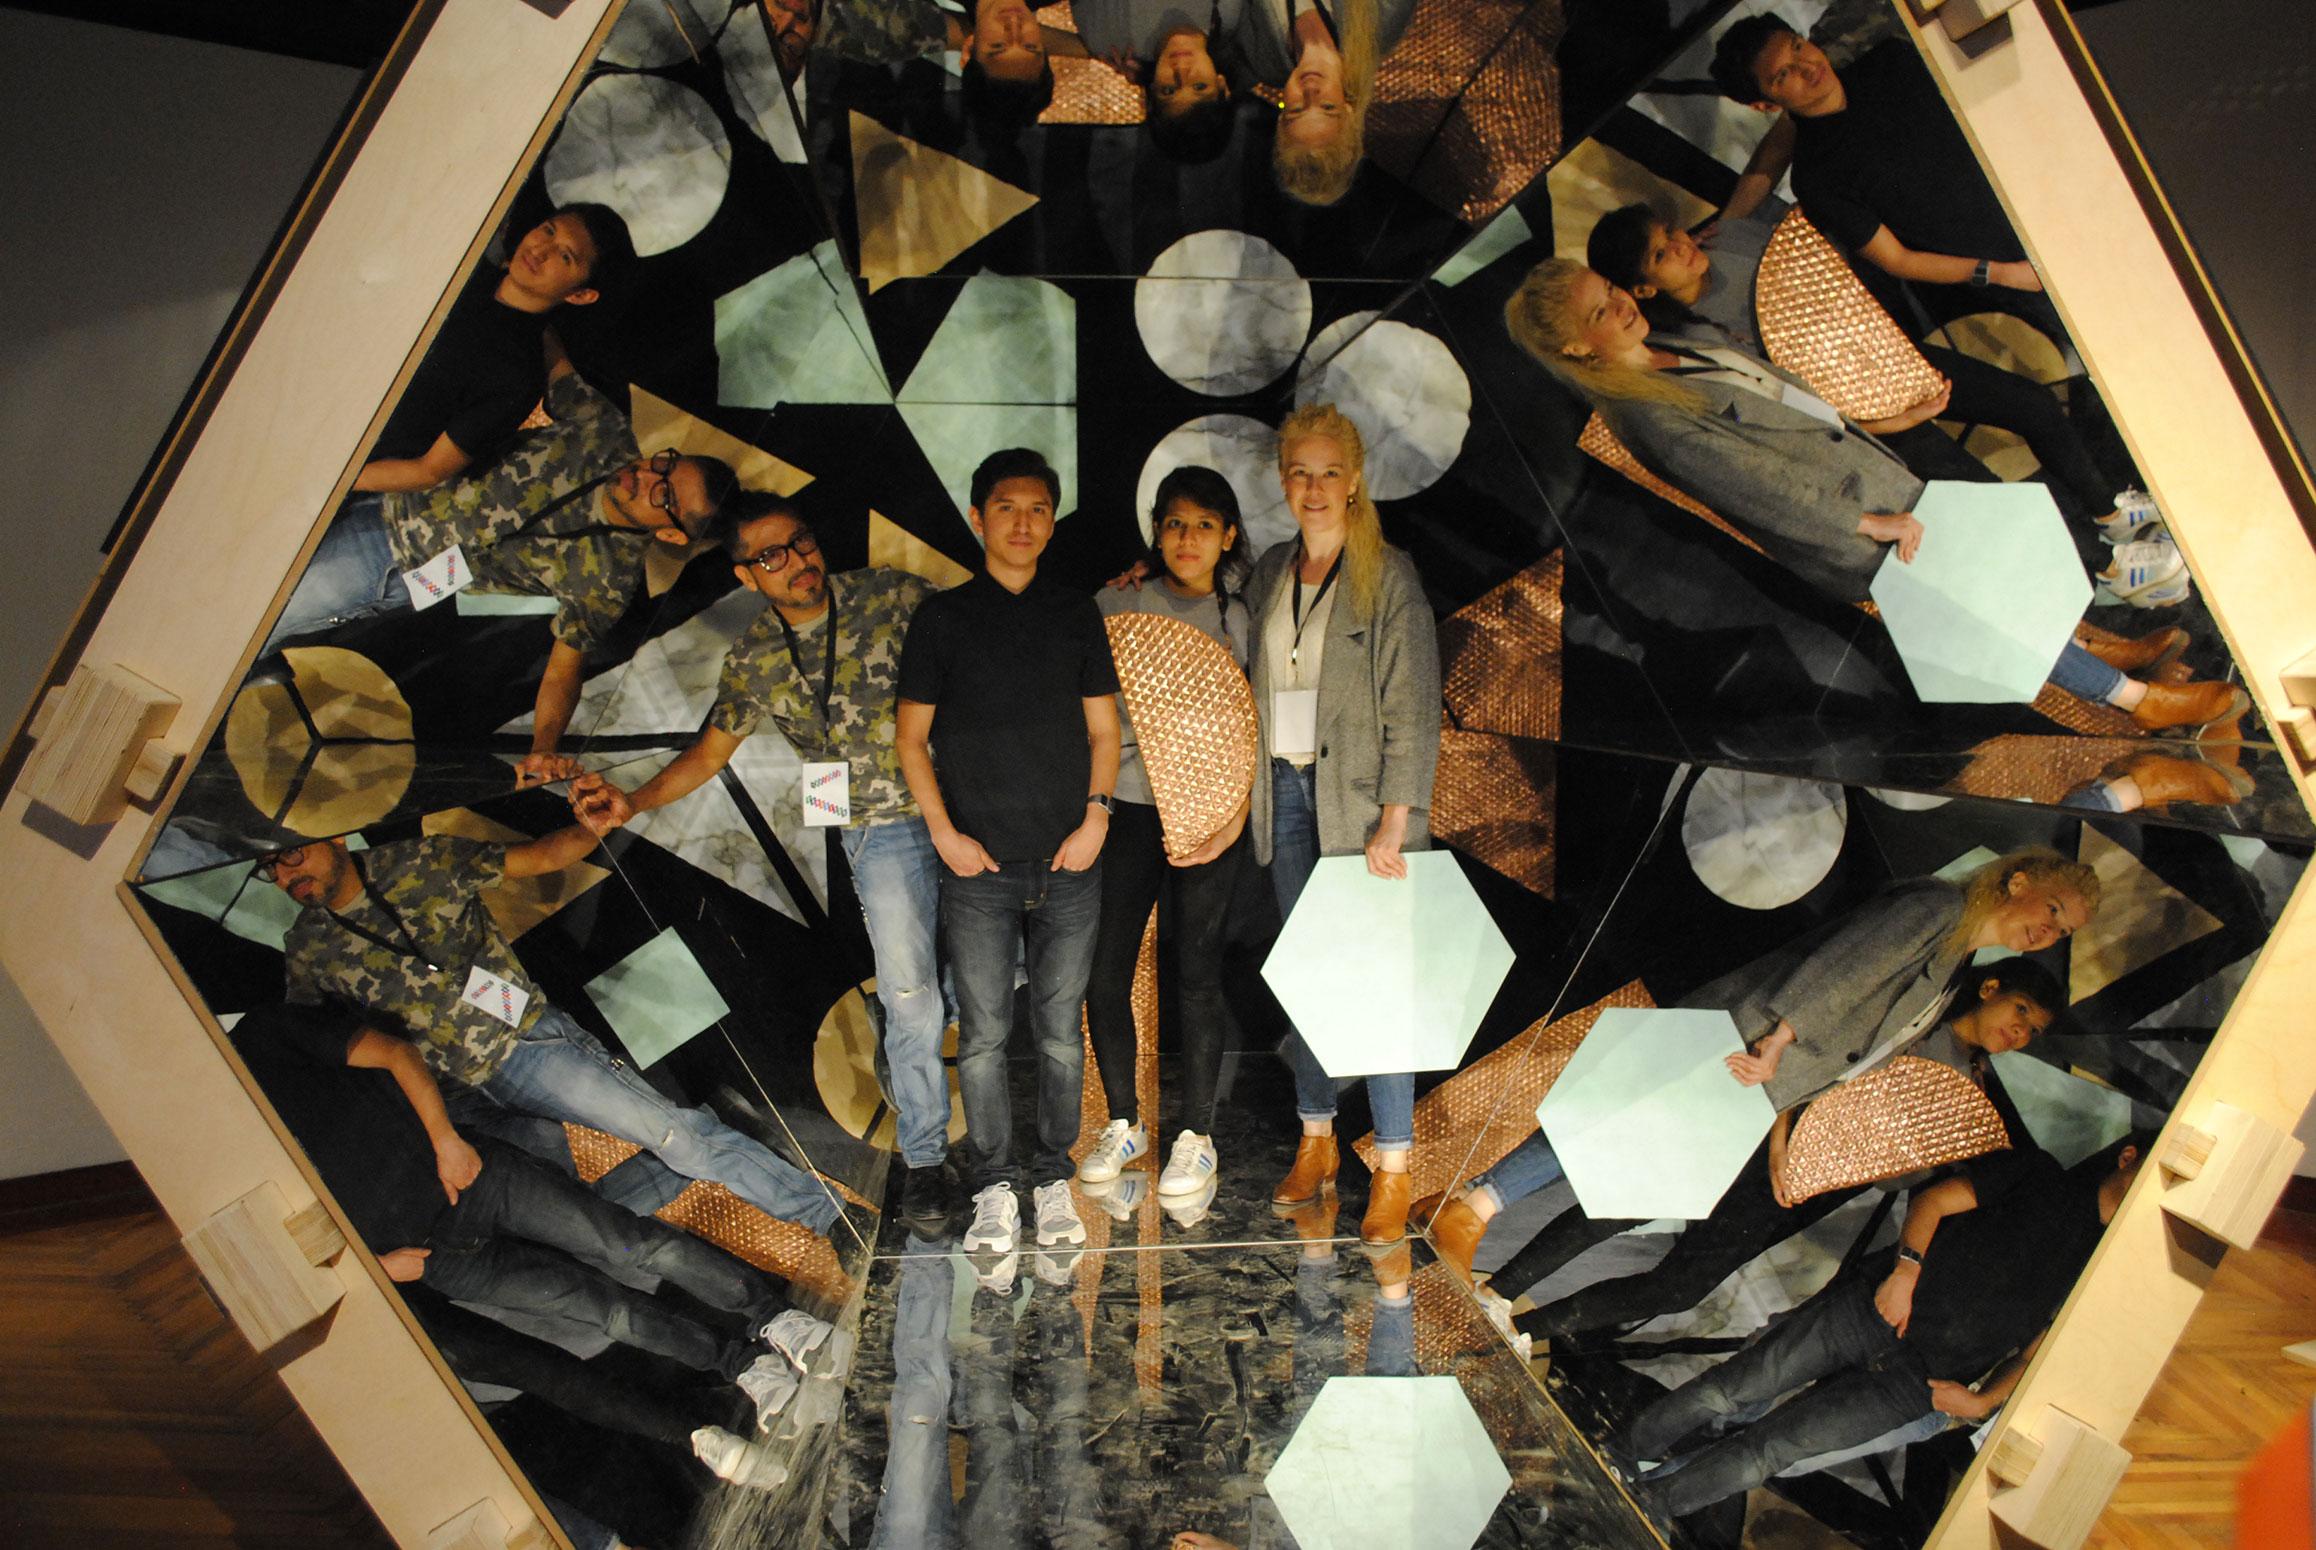 Caleidoscopio interactivo diseñado por el colectivo Escatolab que conforman Marcos Huitrón, Erick Delgadillo, Alejandra Fermoso y Xóchitl Herrera